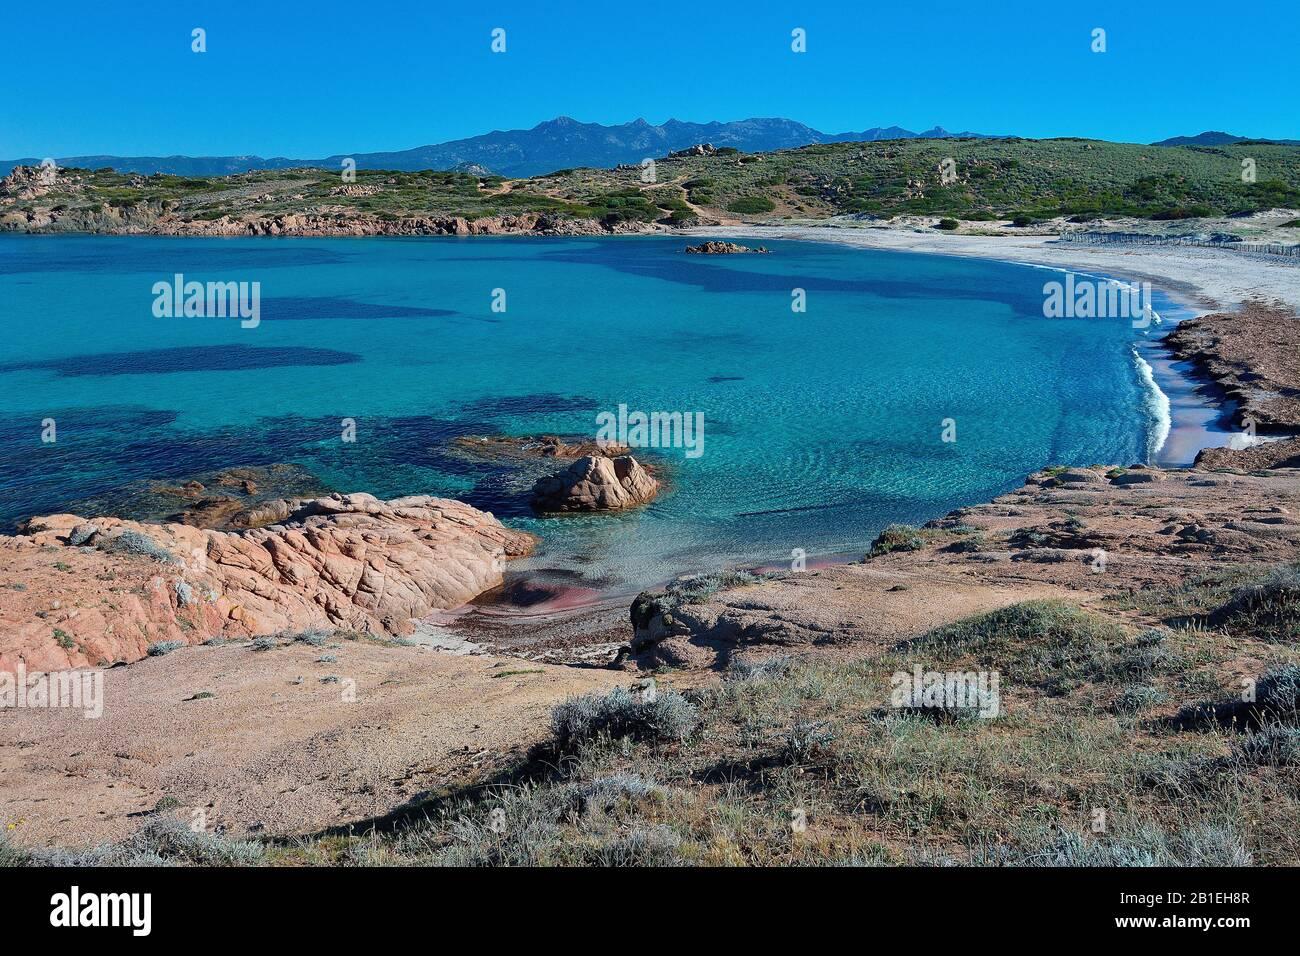 Playa Tonnara, punto de partida del camino costero al Golfo de Paraguano, Reserva Natural de las Bocas de Bonifacio, Córcega, Francia Foto de stock